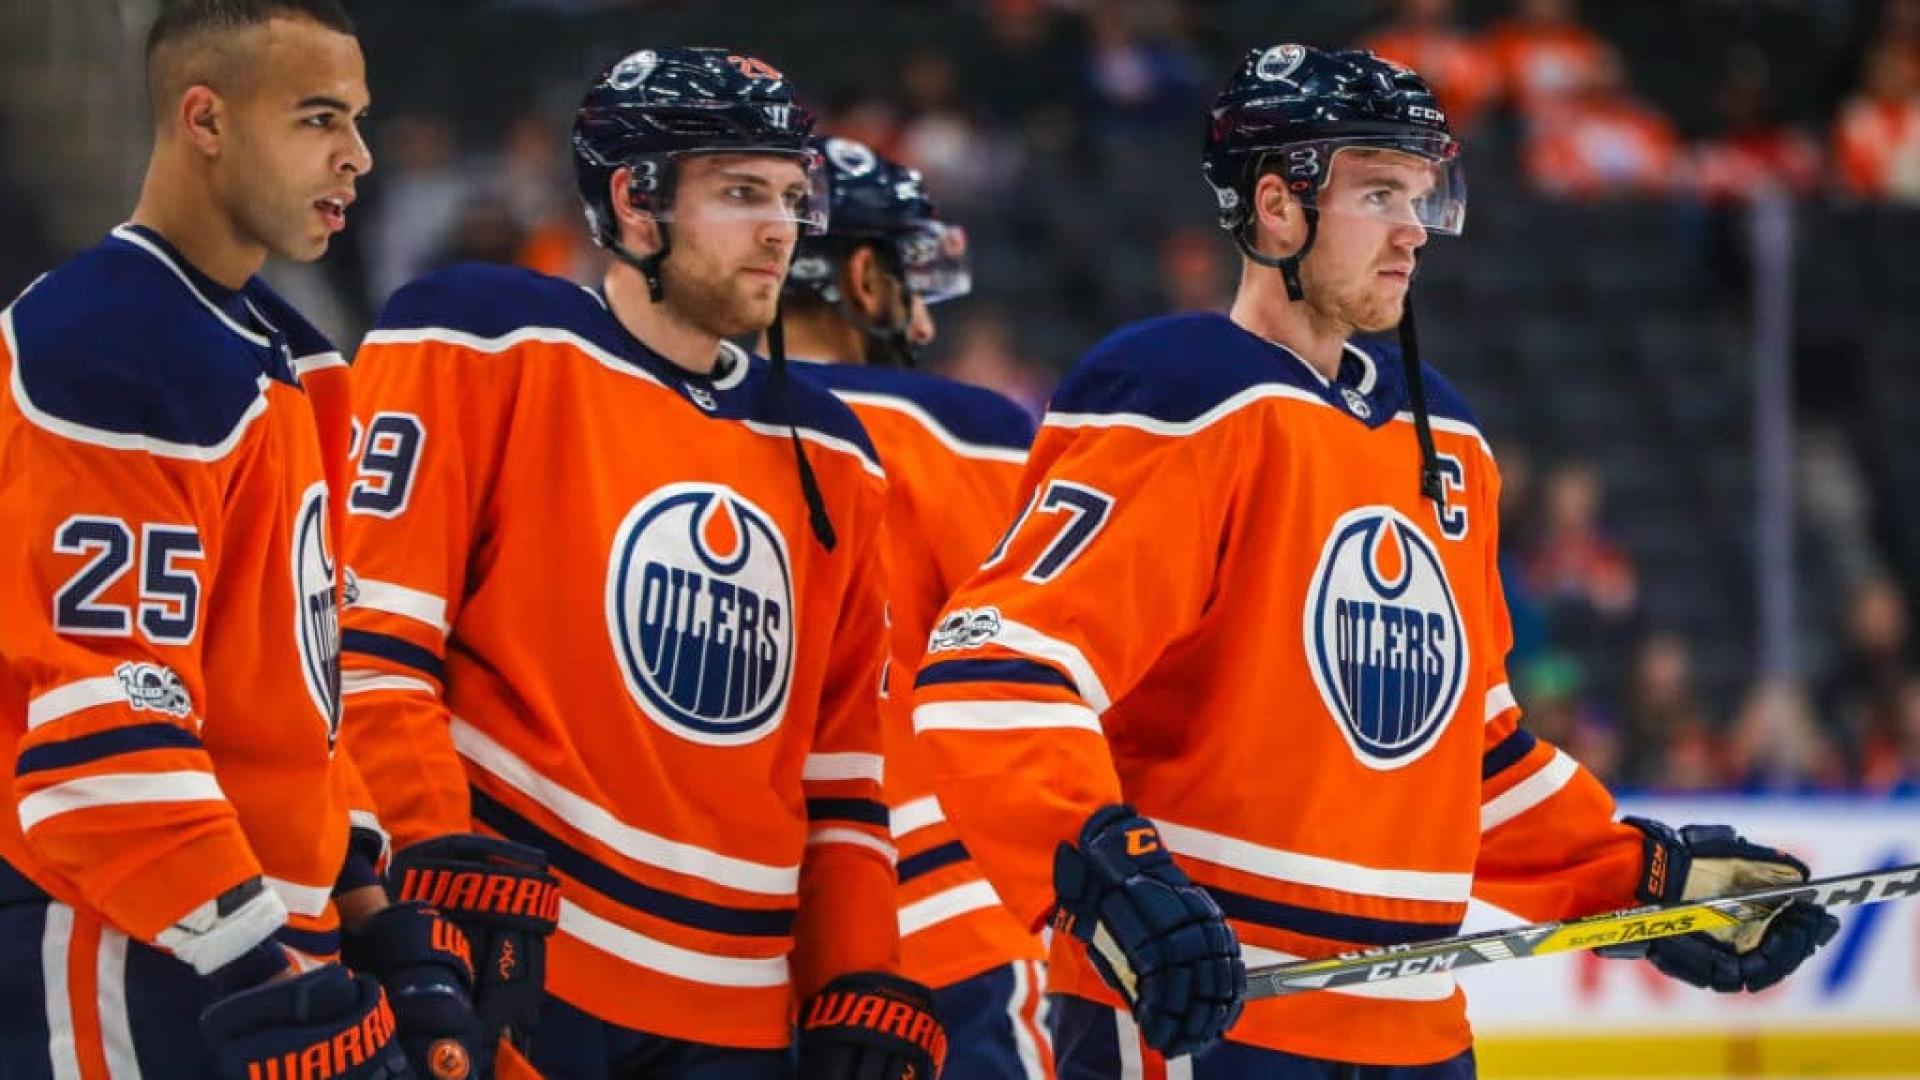 Nurse, Draisaitl et McDavid auront fort à faire s'ils veulent retrouver le hockey de printemps.